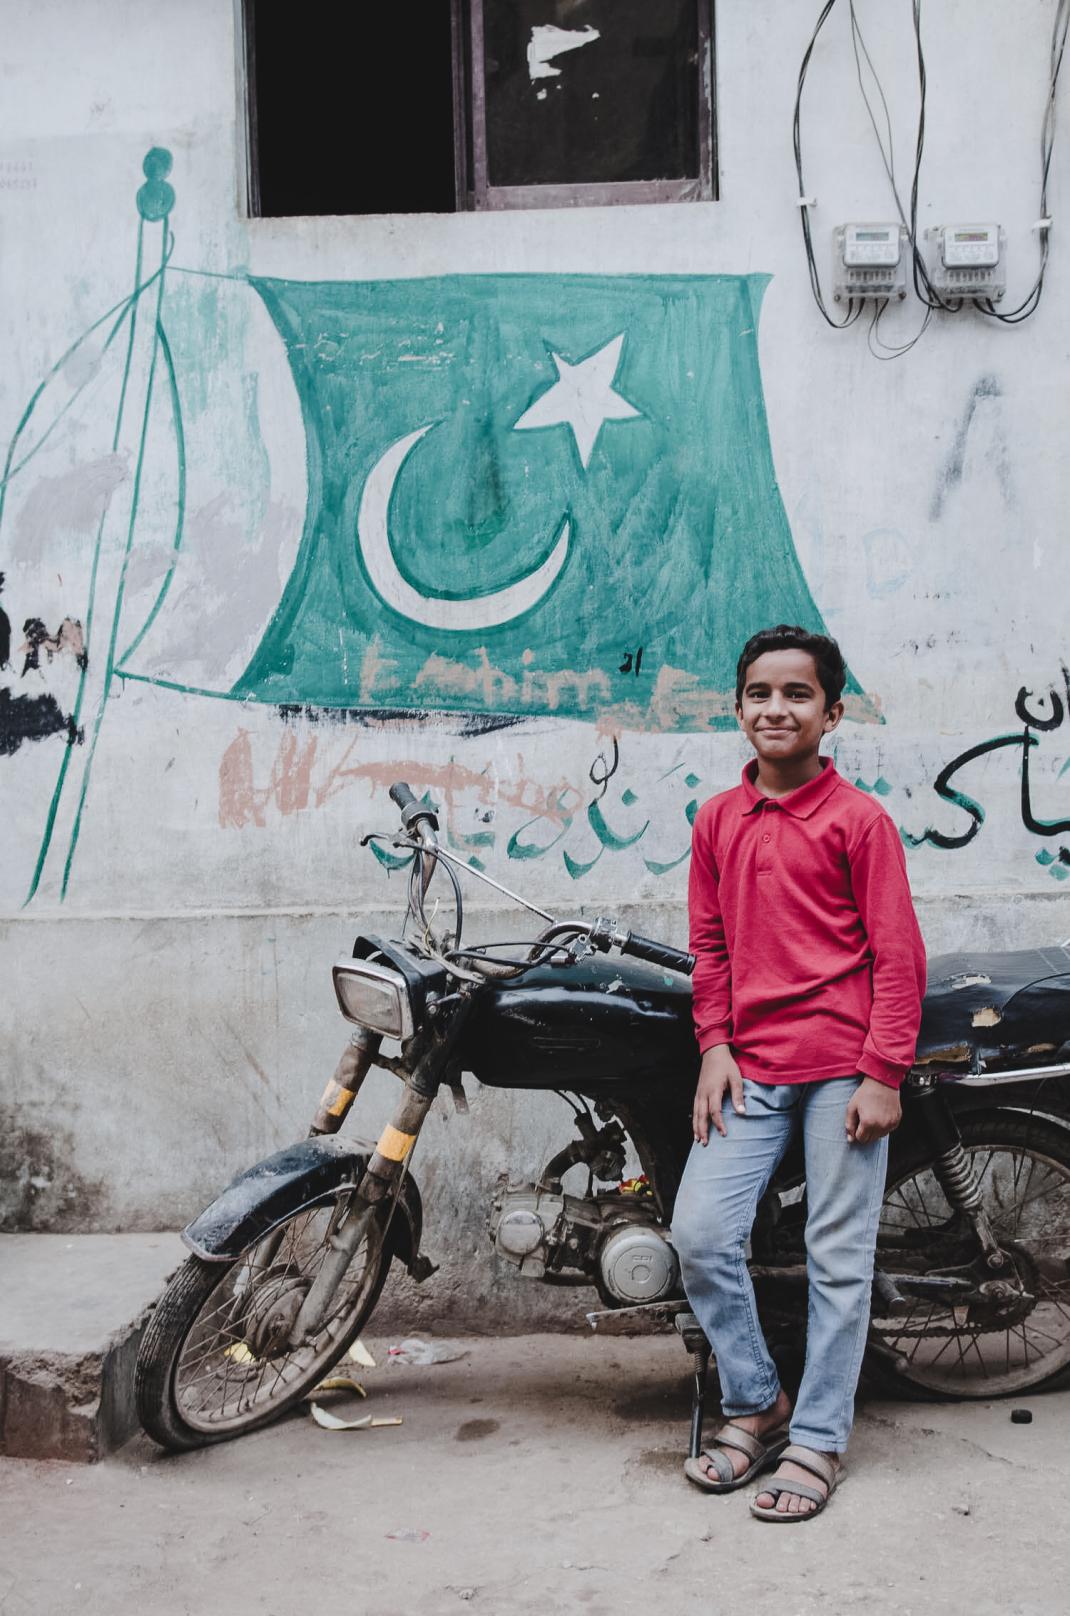 Ein Junge mit einem Mofa in Karatschi Pakistan